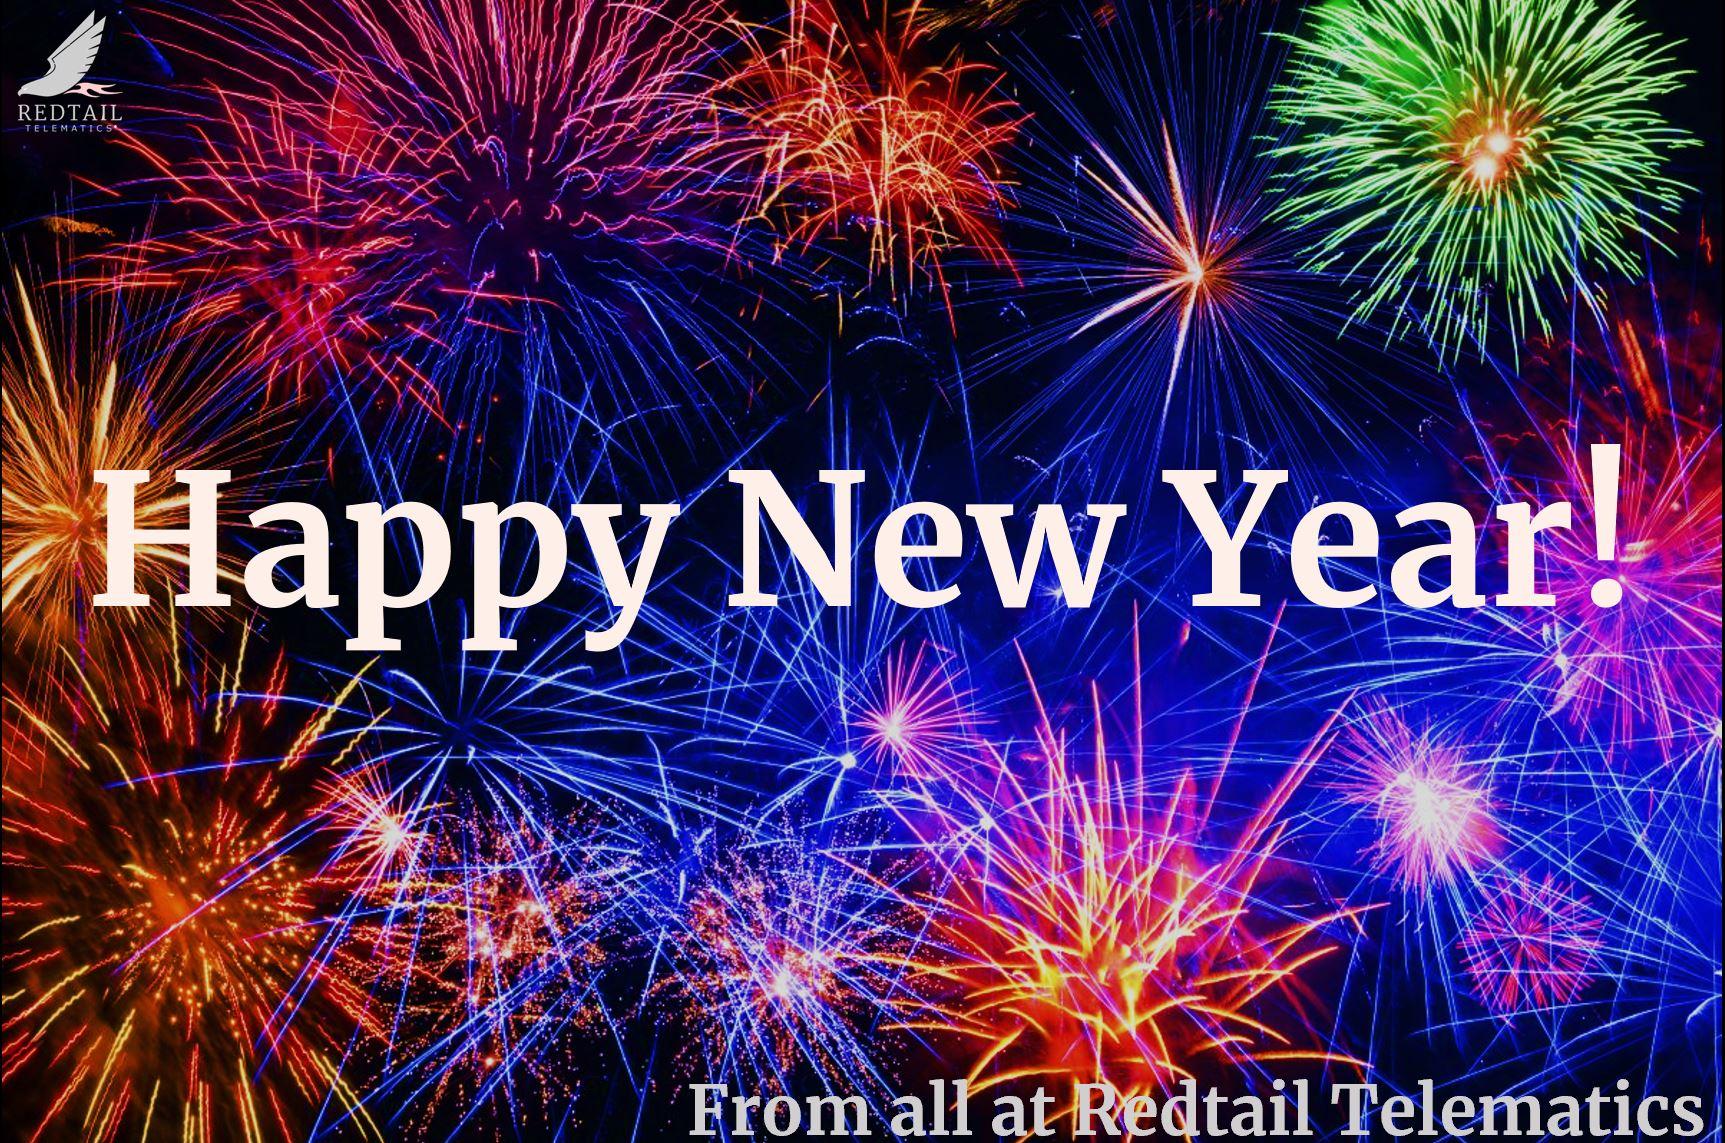 redtail-telematics-new-year